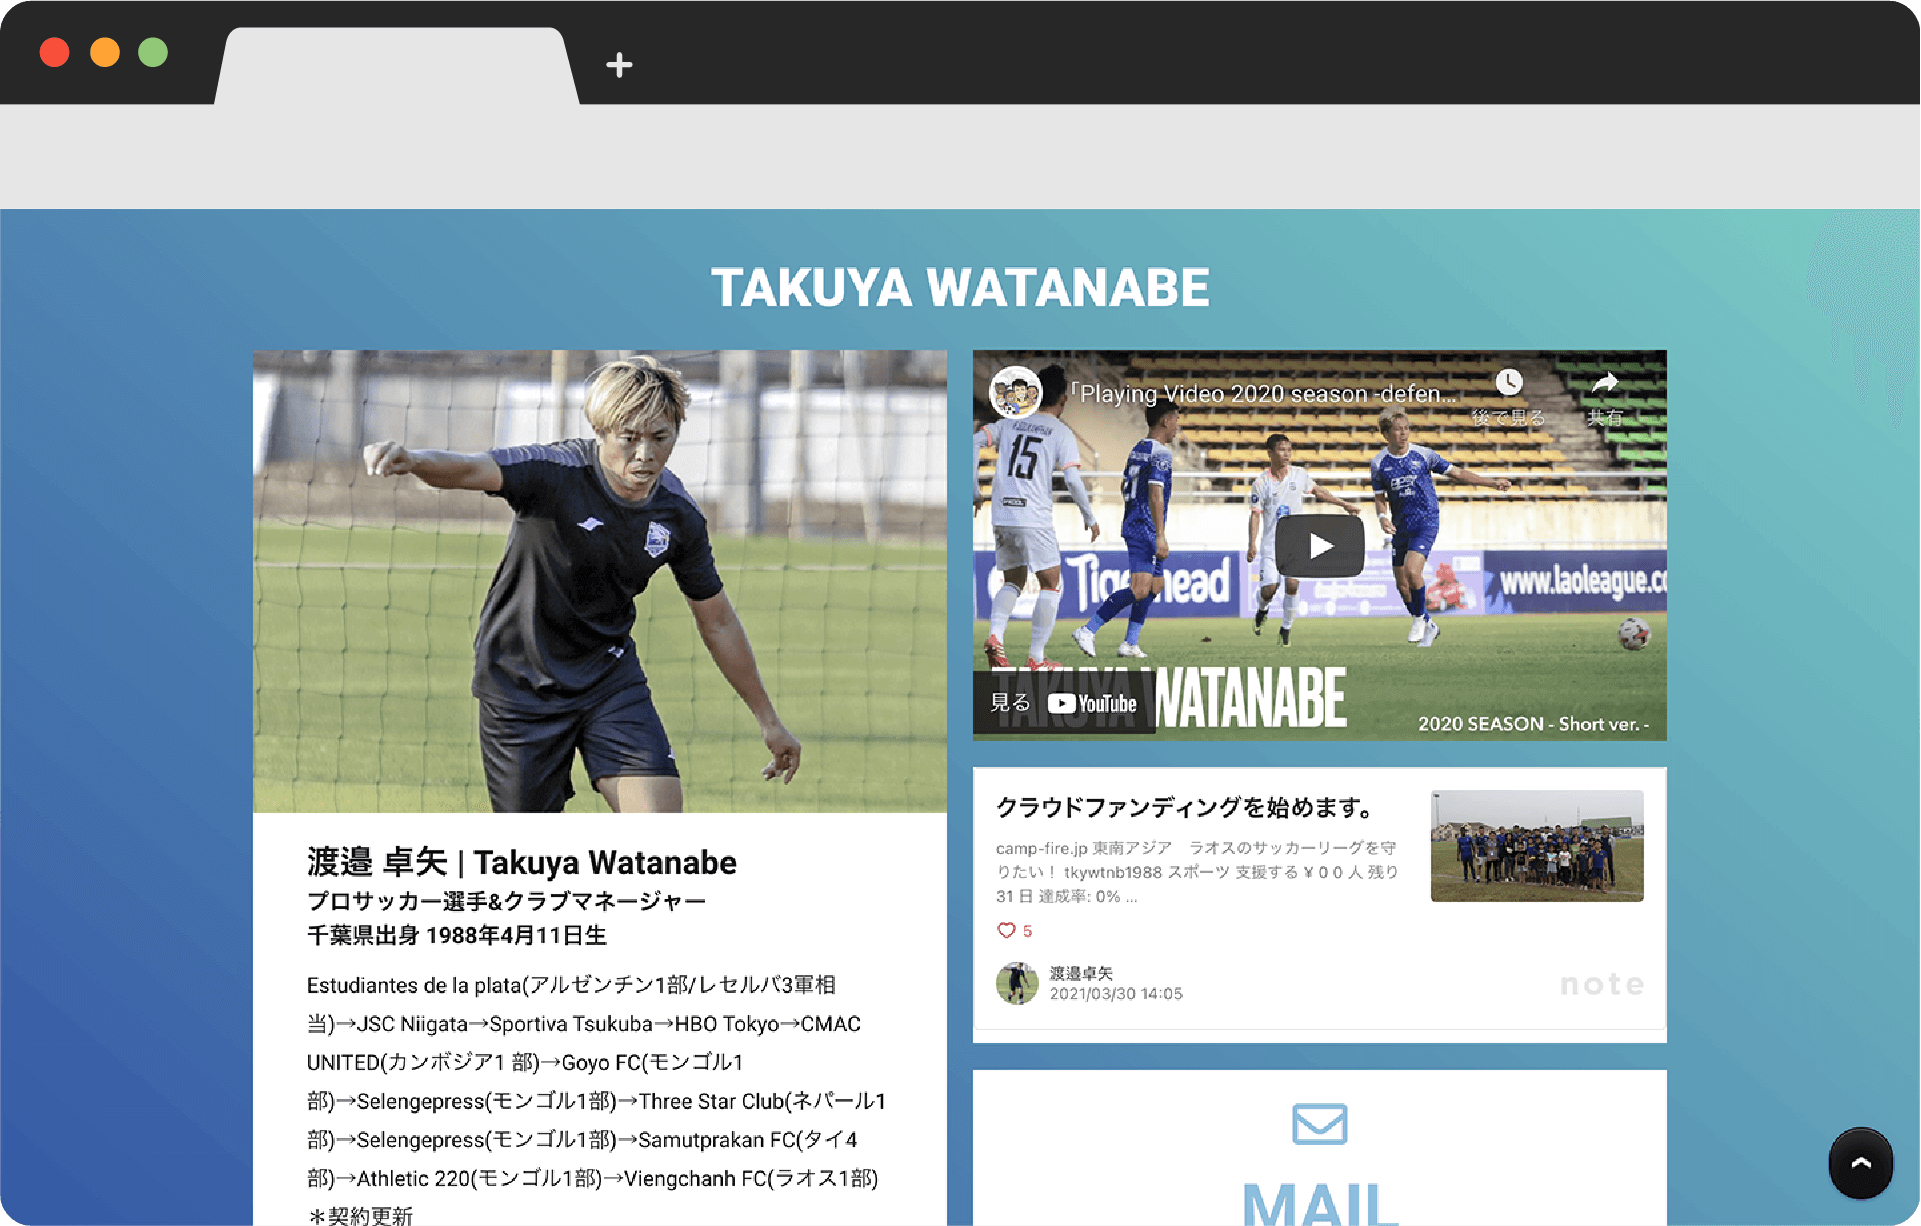 takuyawatanabe-pc-002